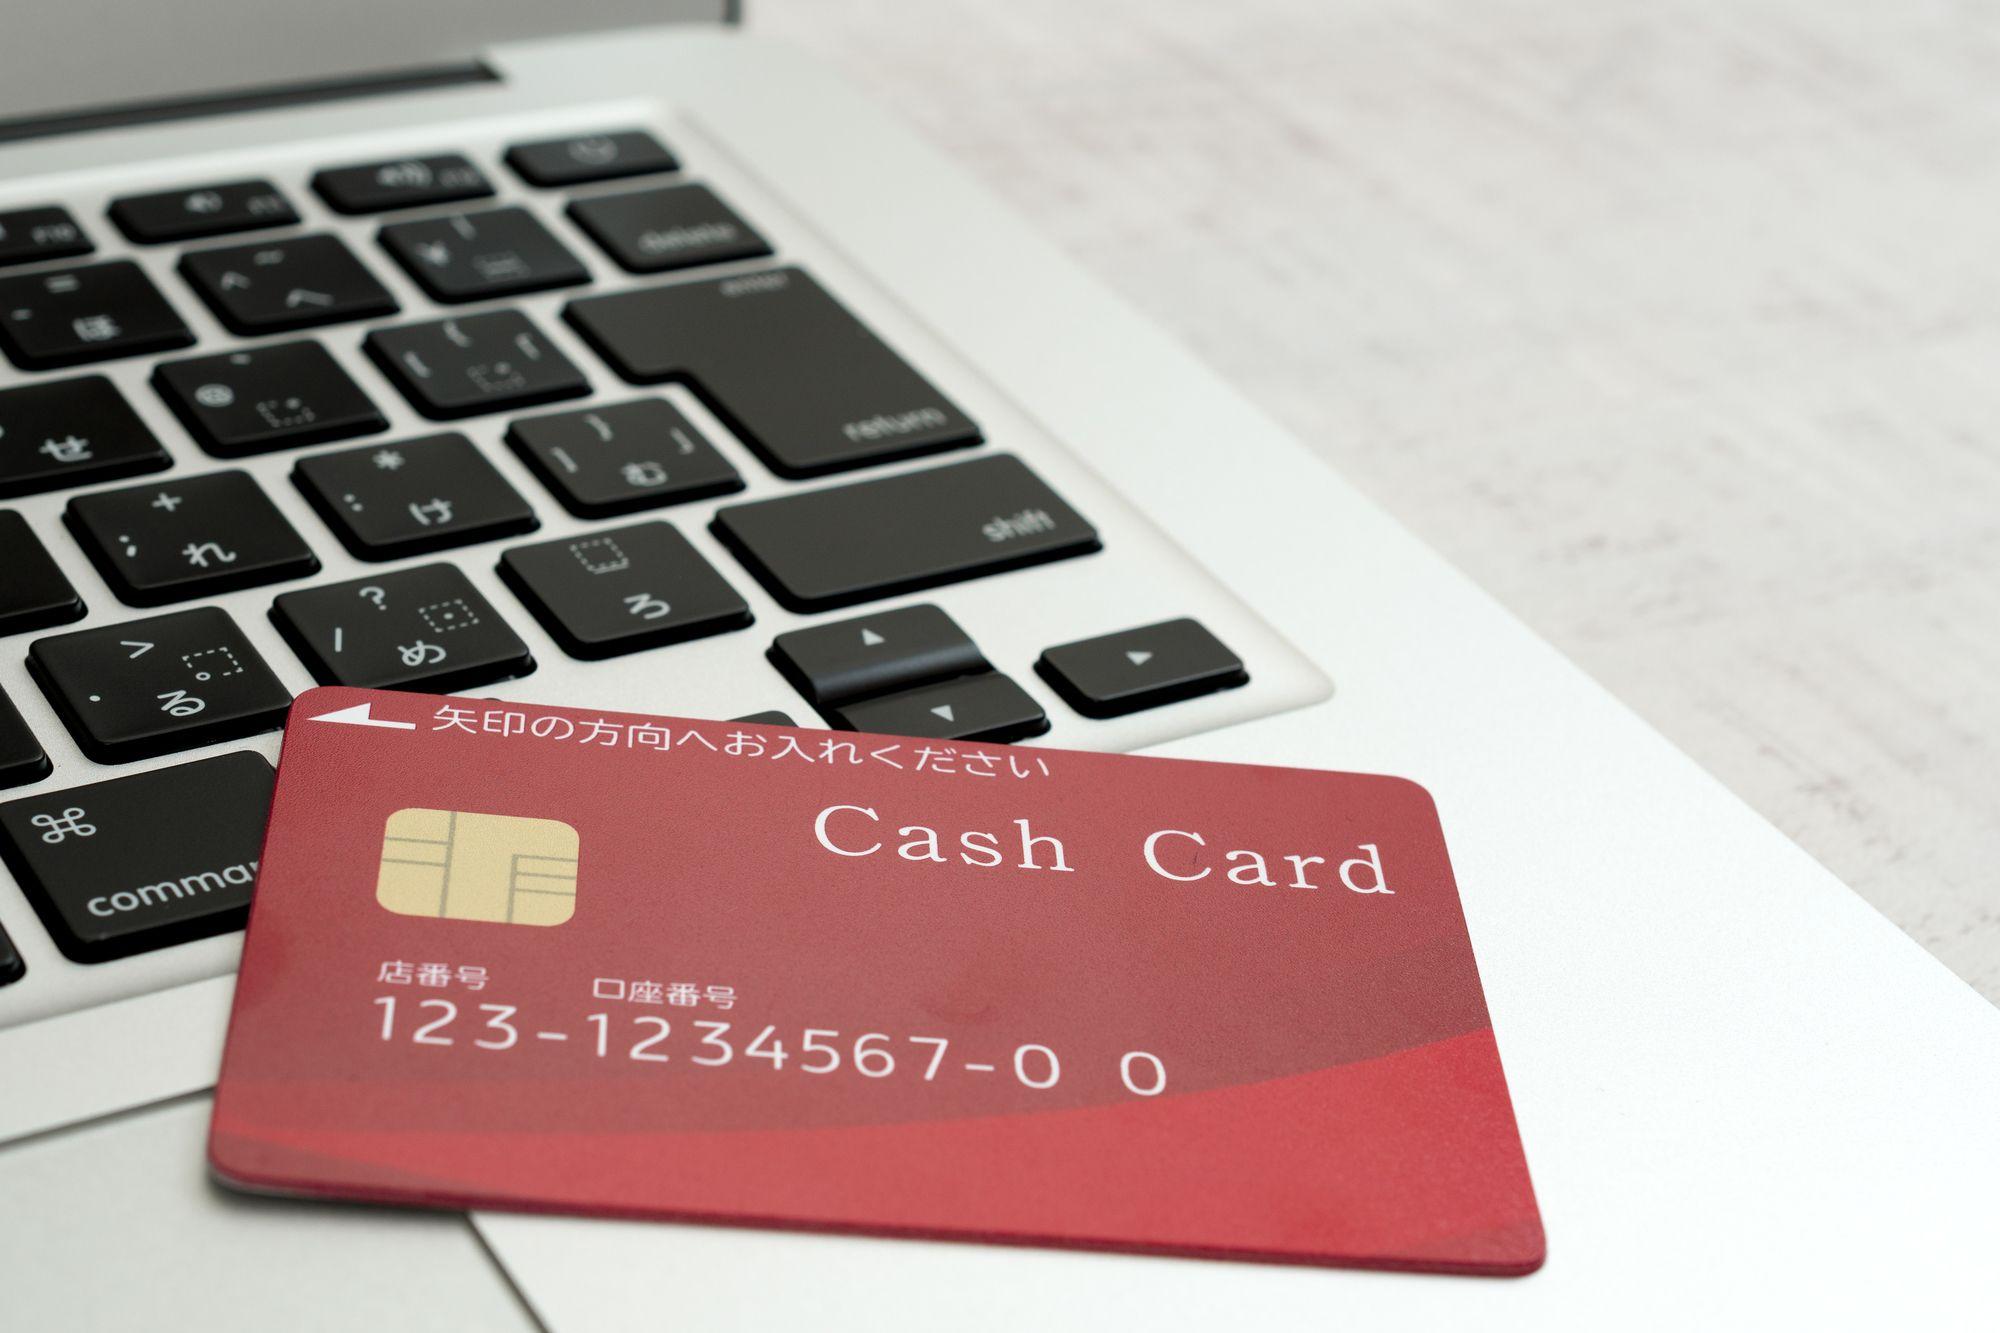 楽天証券が楽天カードでの投資信託の積立ができるサービスを発表!